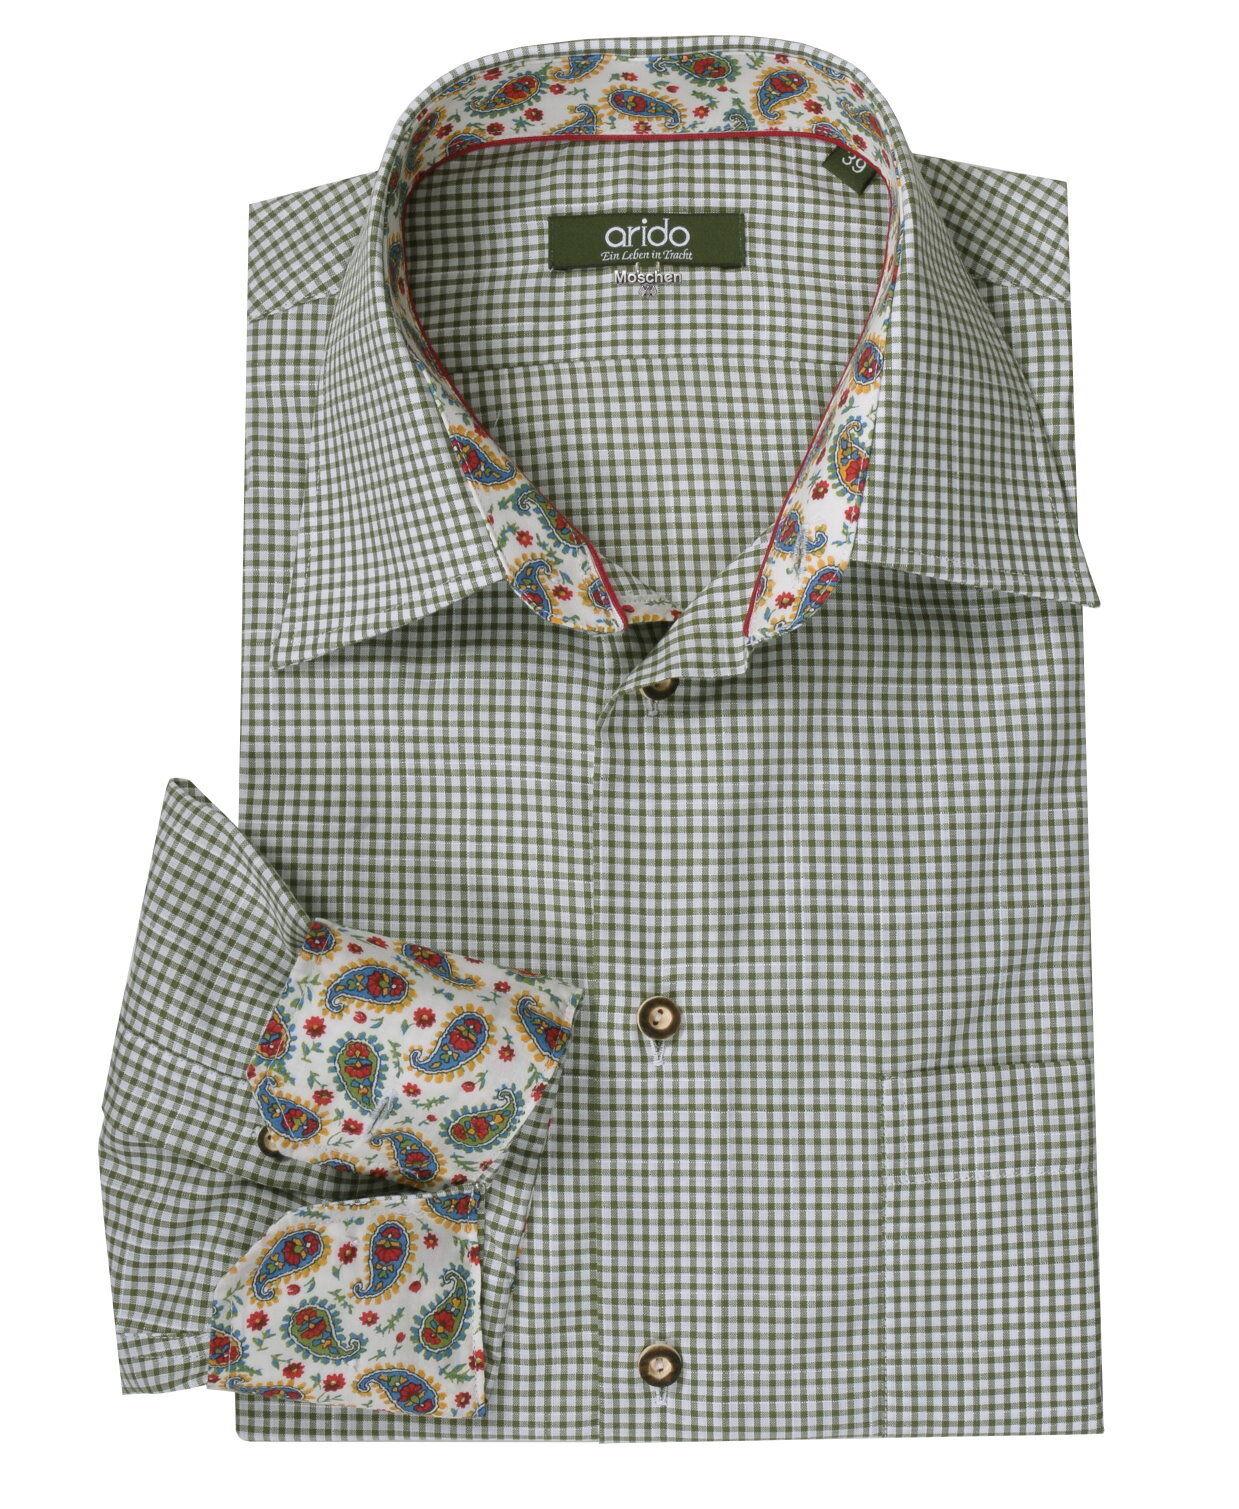 Trachtenhemd Herrenhemd Hemd Arido Herren Grün Karo kariert Slim-Fit